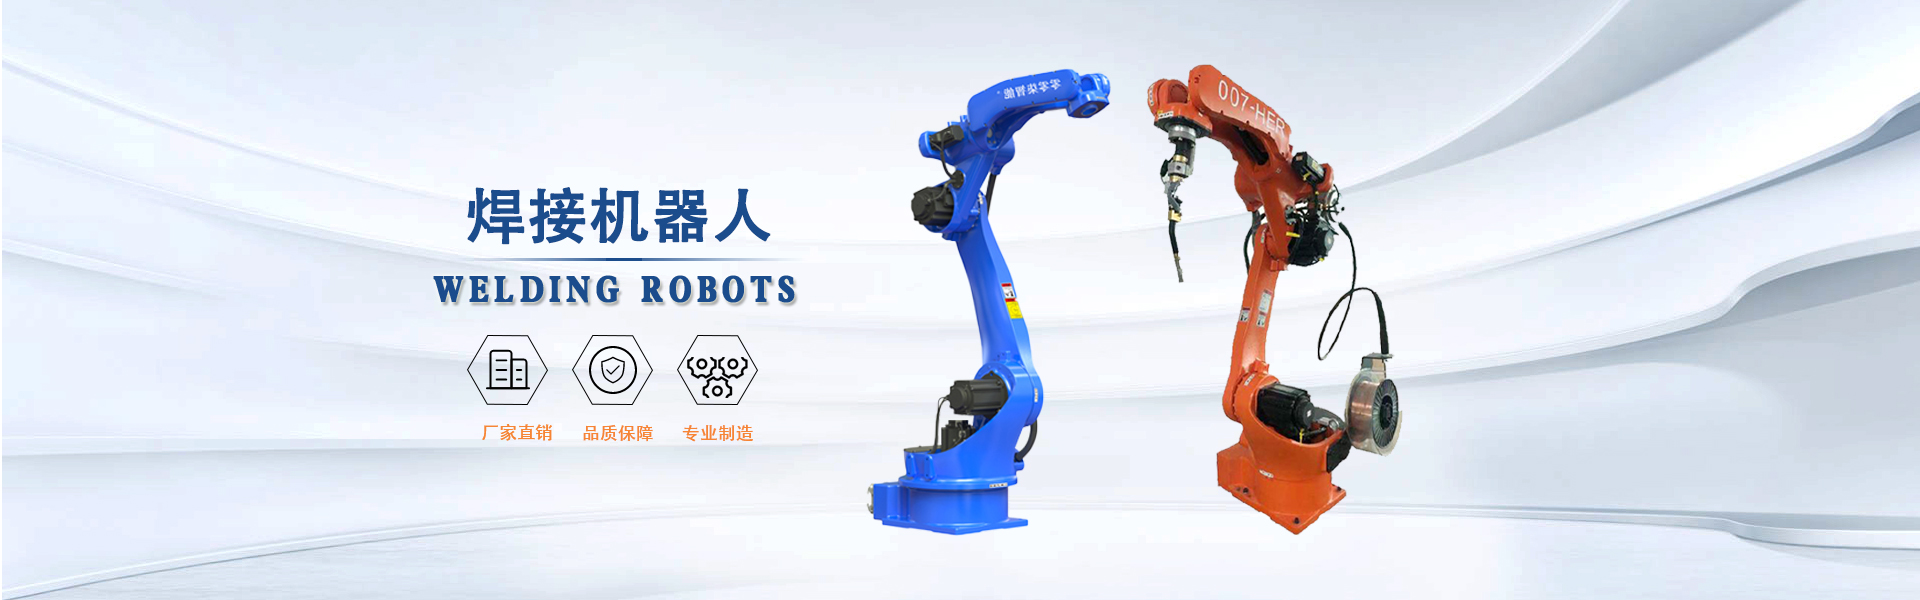 卡诺普机器人,机器人焊接